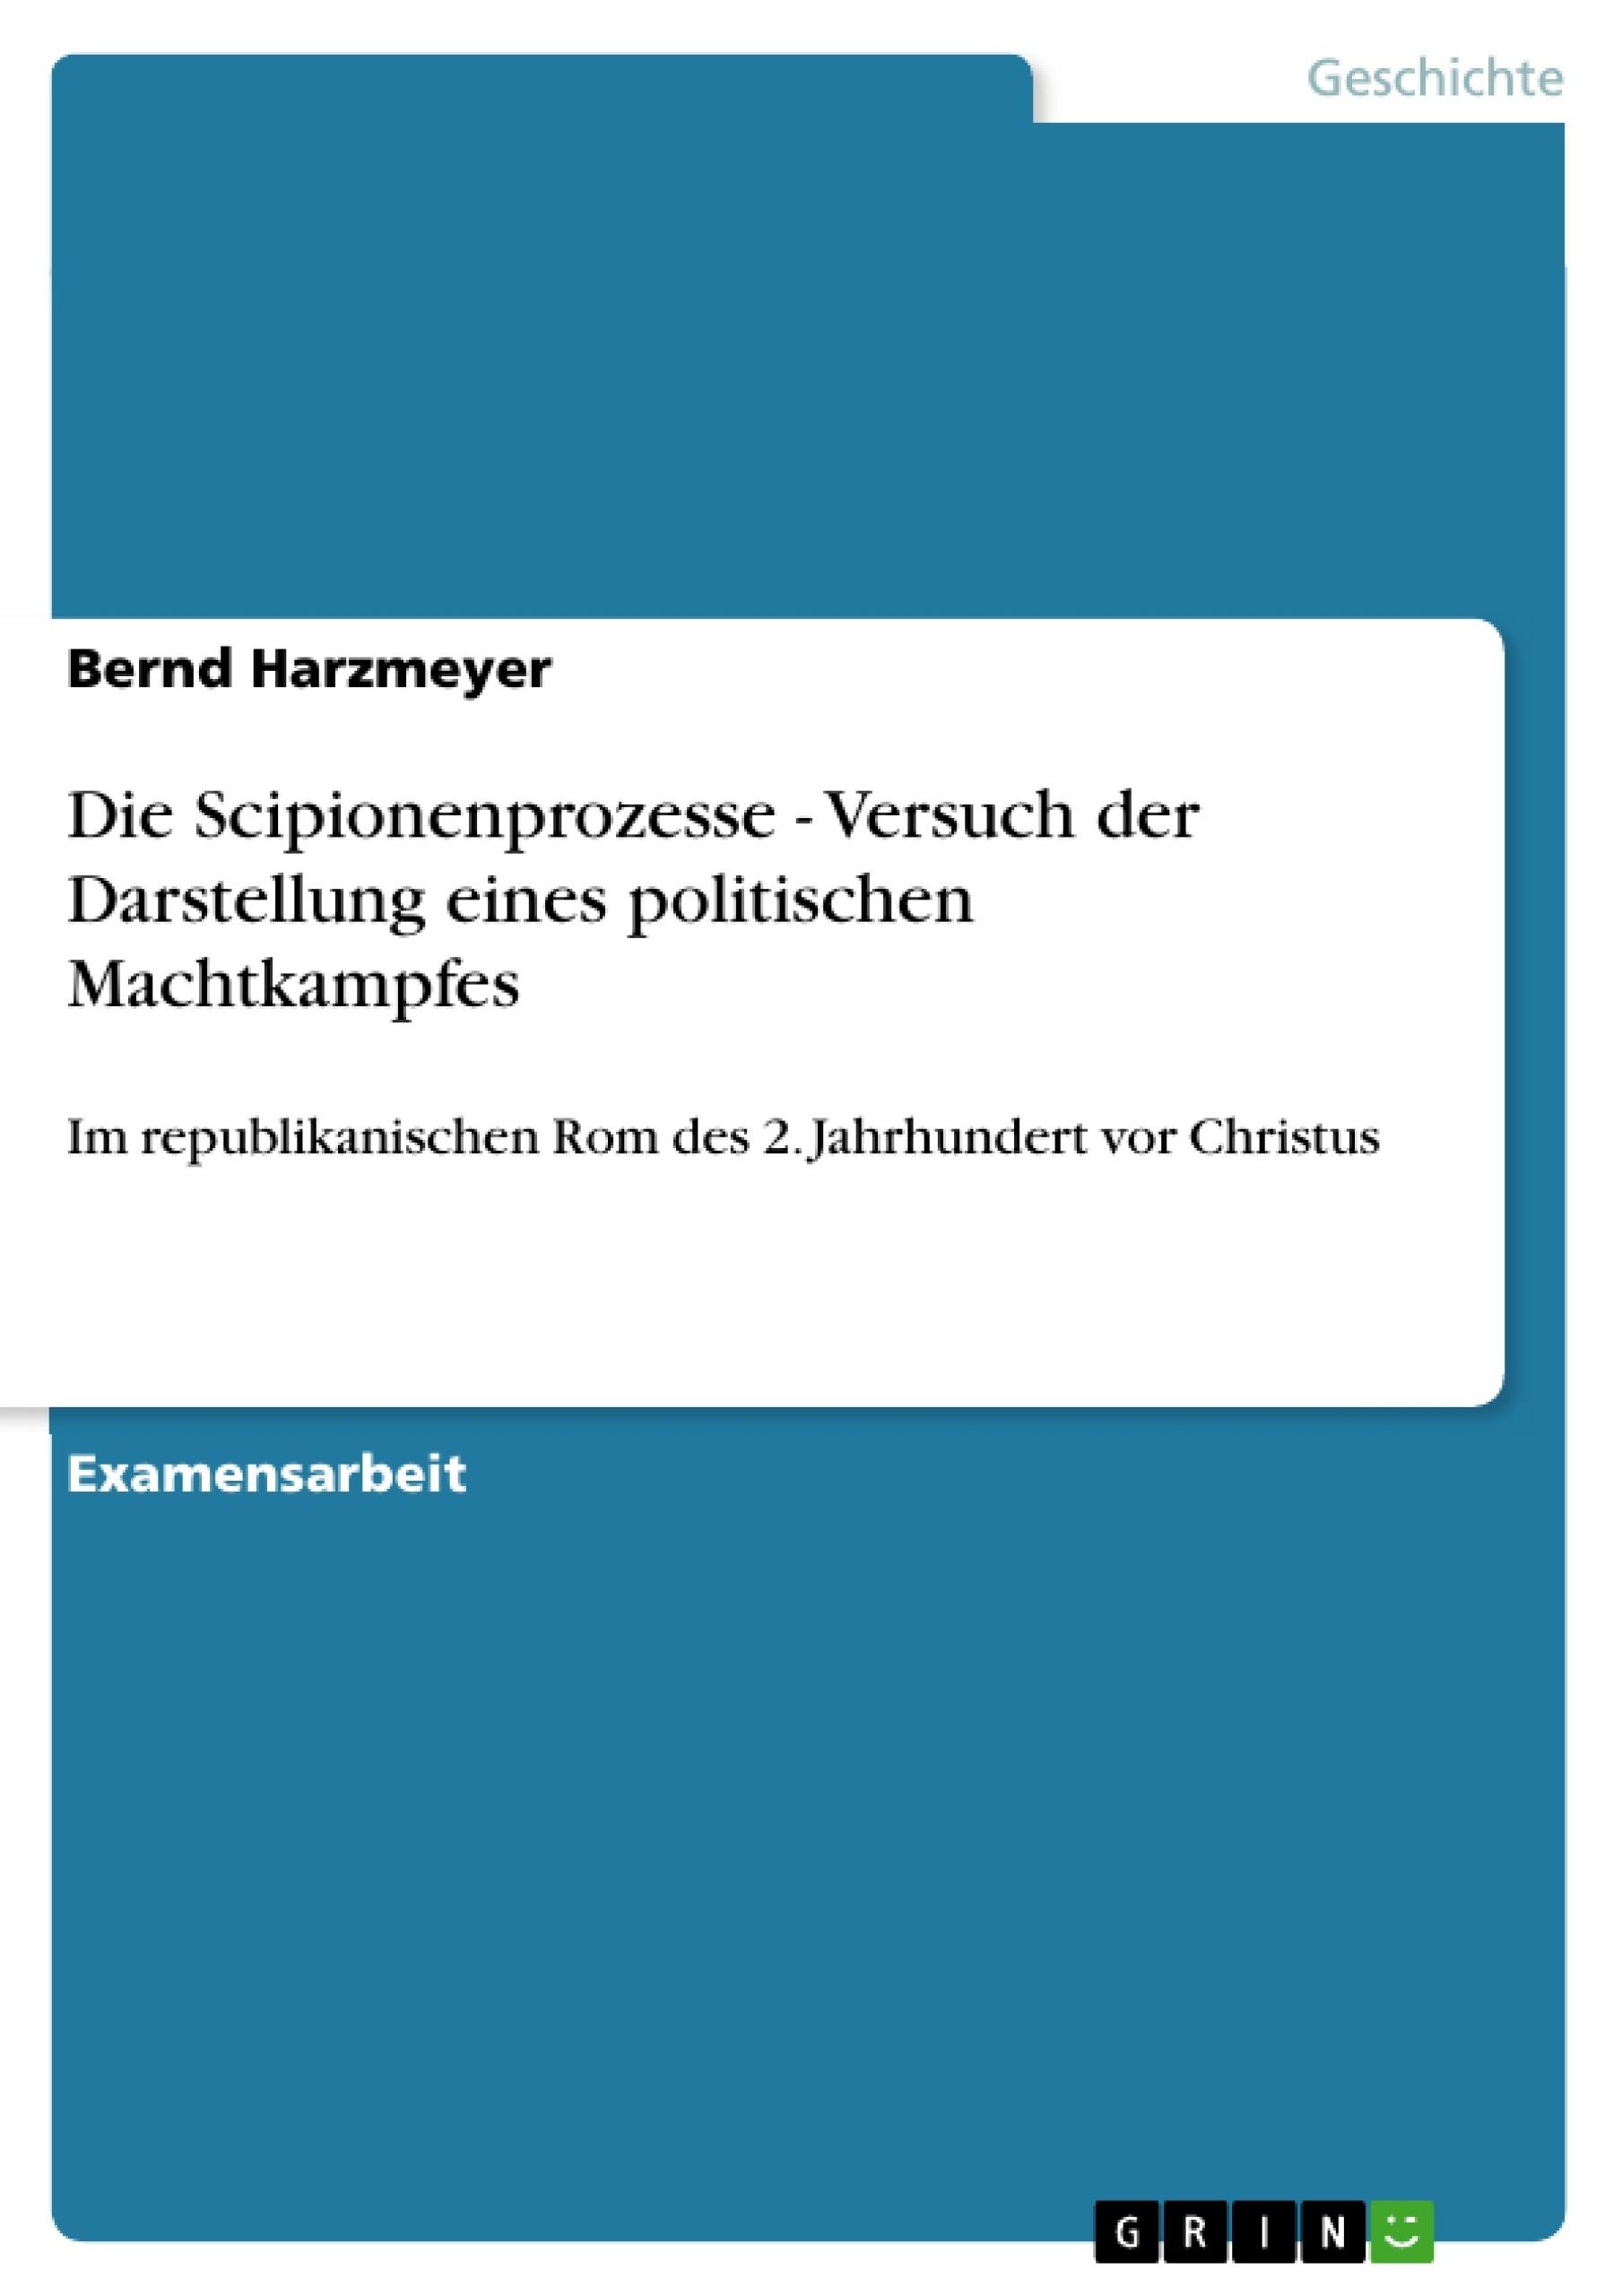 Titel: Die Scipionenprozesse - Versuch der Darstellung eines politischen Machtkampfes